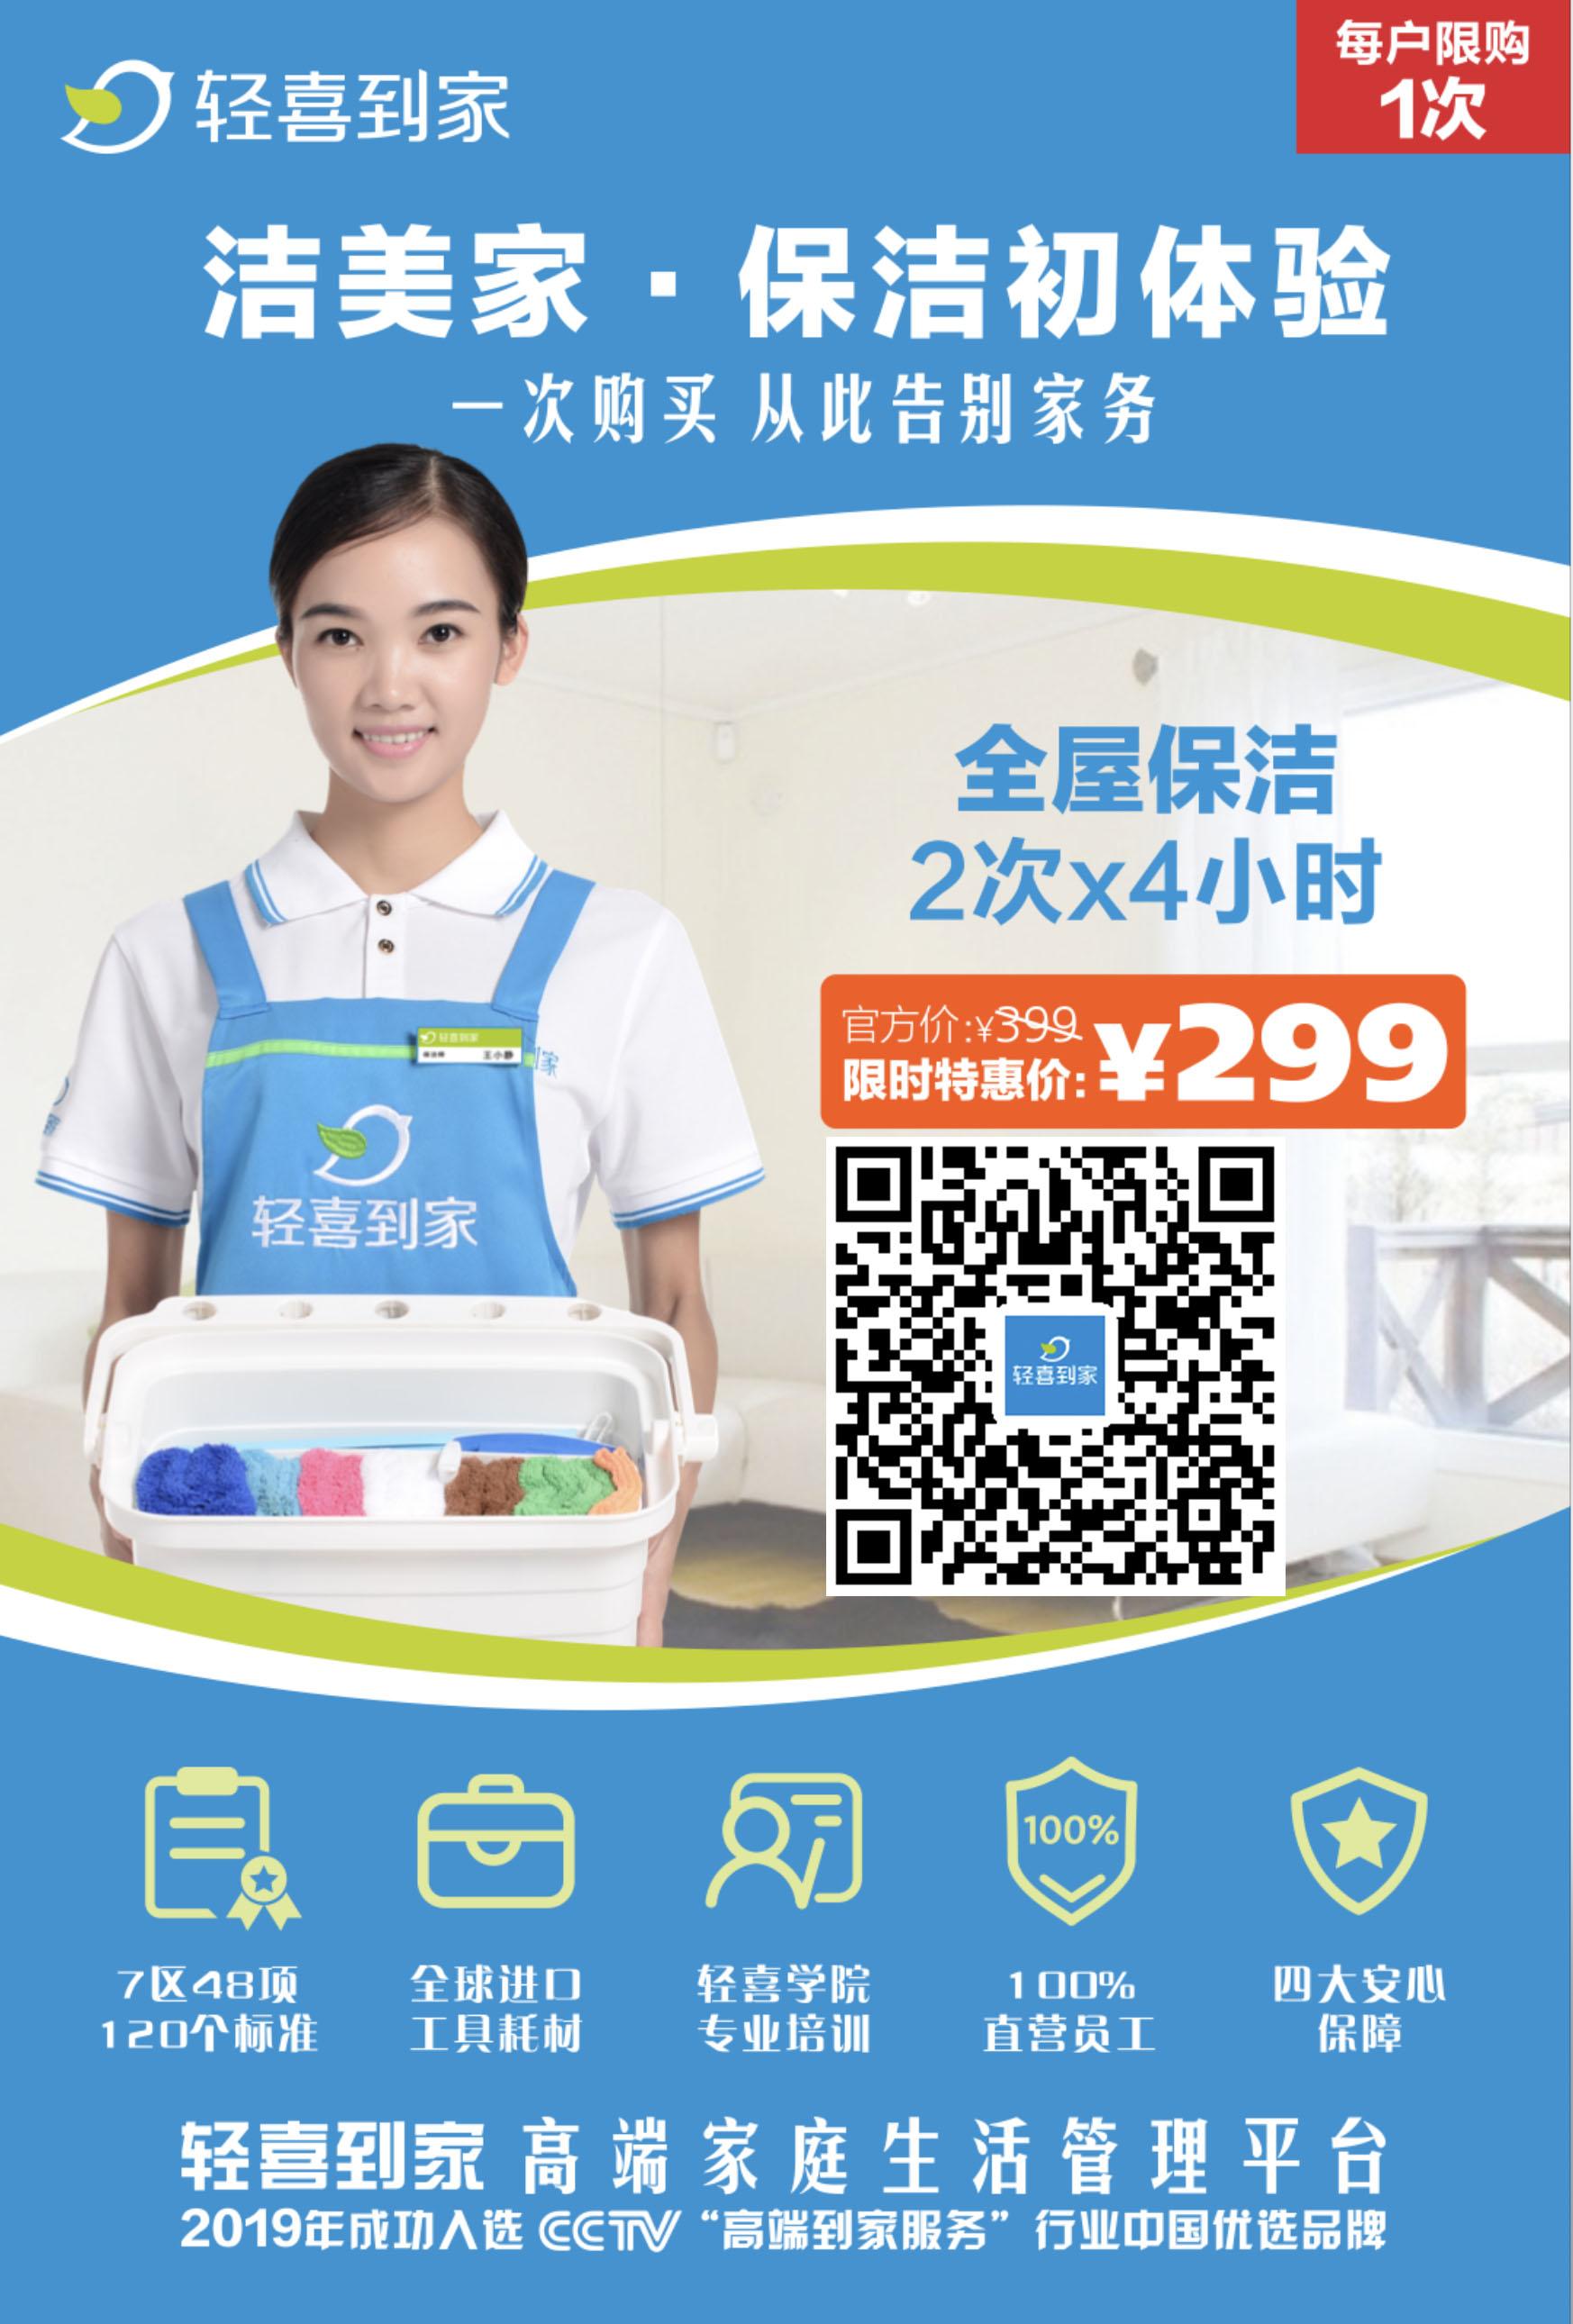 深圳龙华新区家政保洁哪家好,轻喜到家保洁服务做的干净吗?